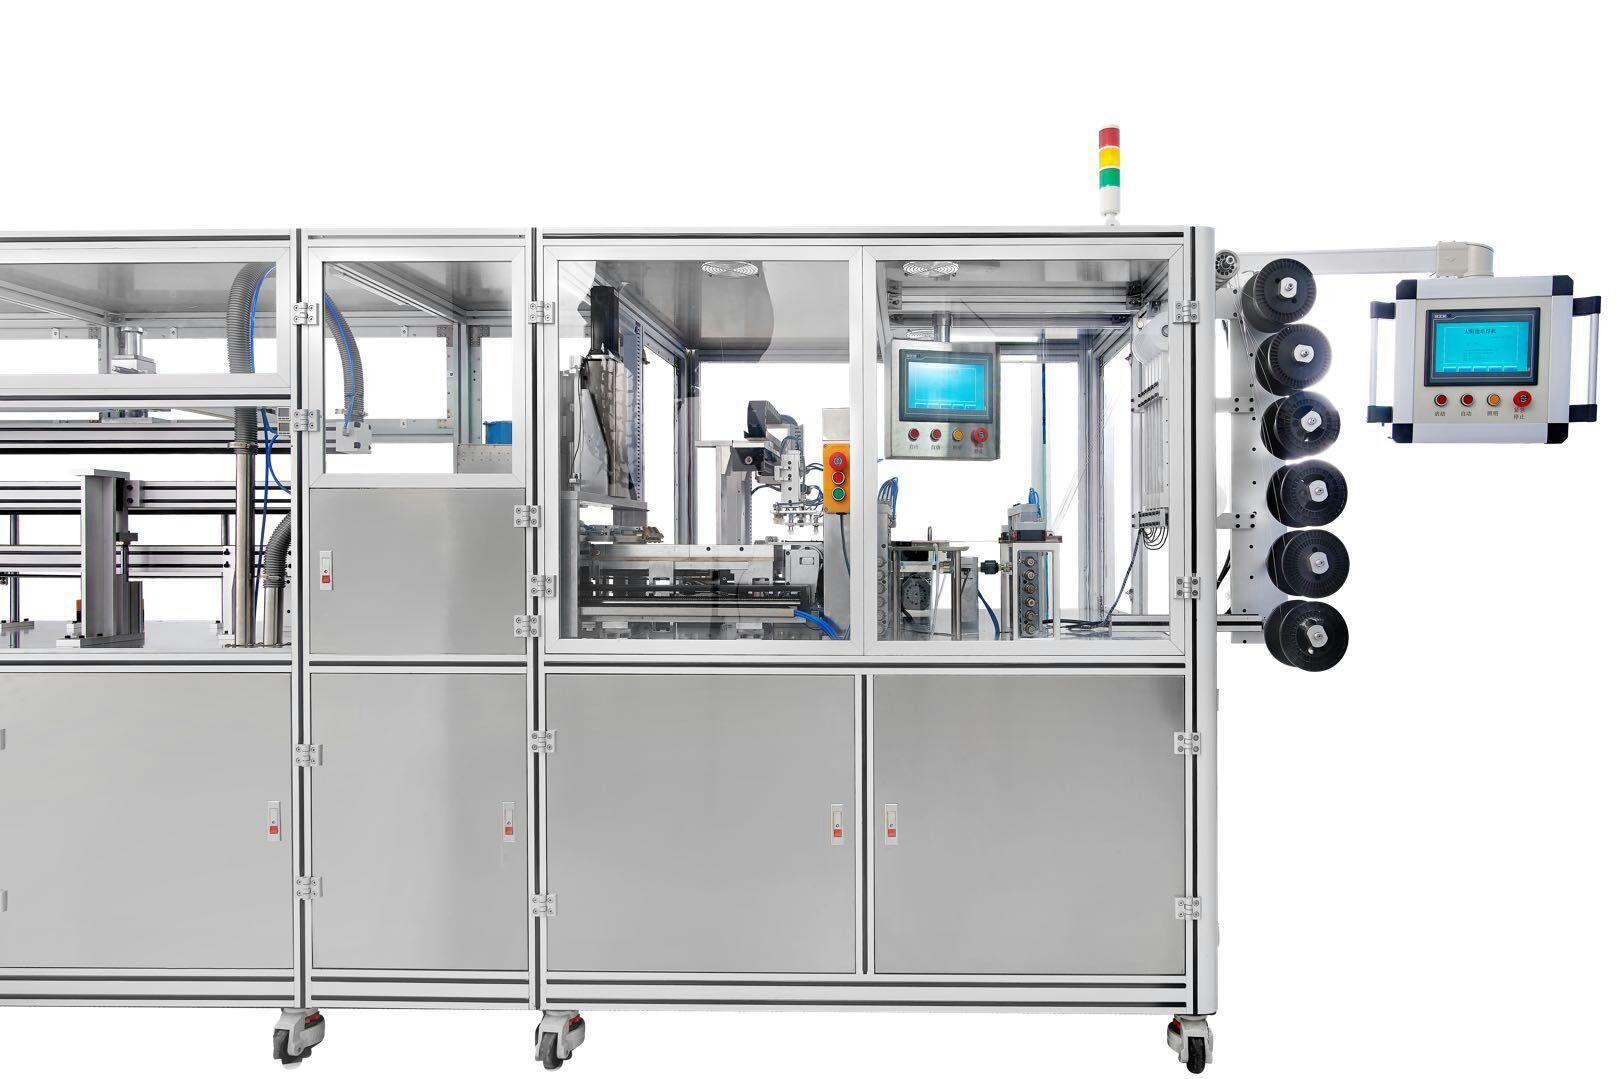 串焊机加工精度-红海新机电提供专业的串焊机